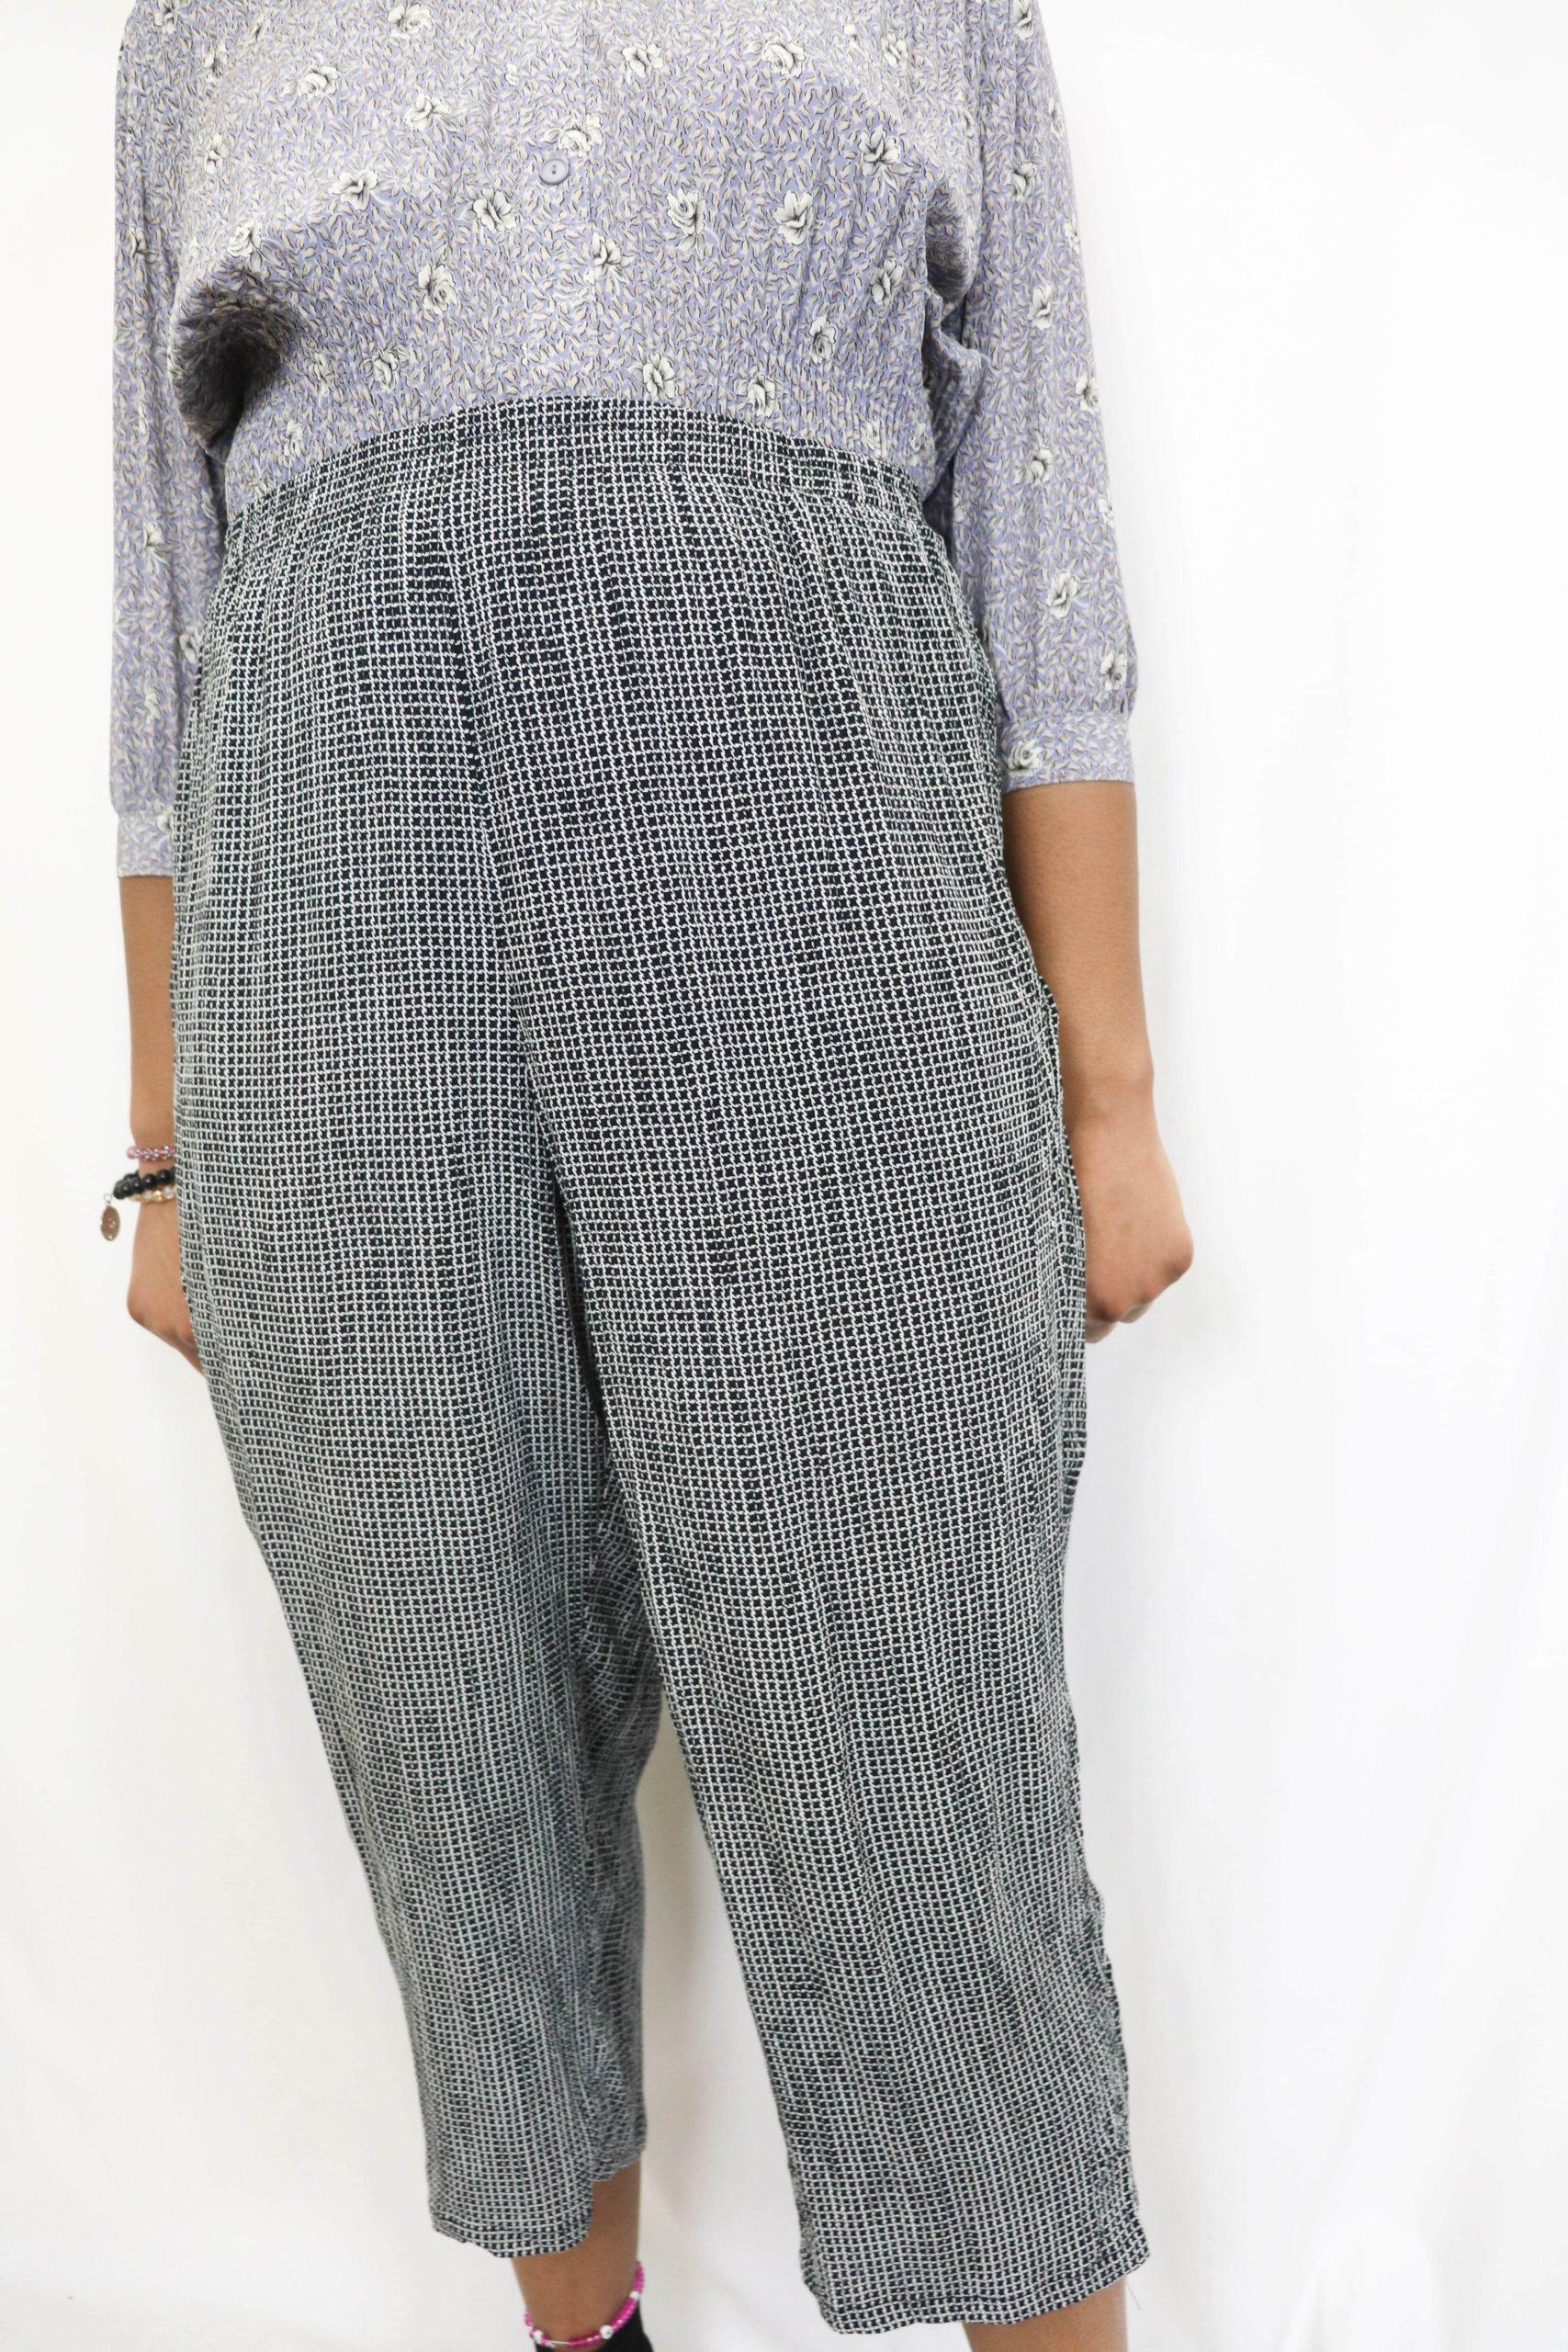 pantalon-fluide-noir-blanc-3